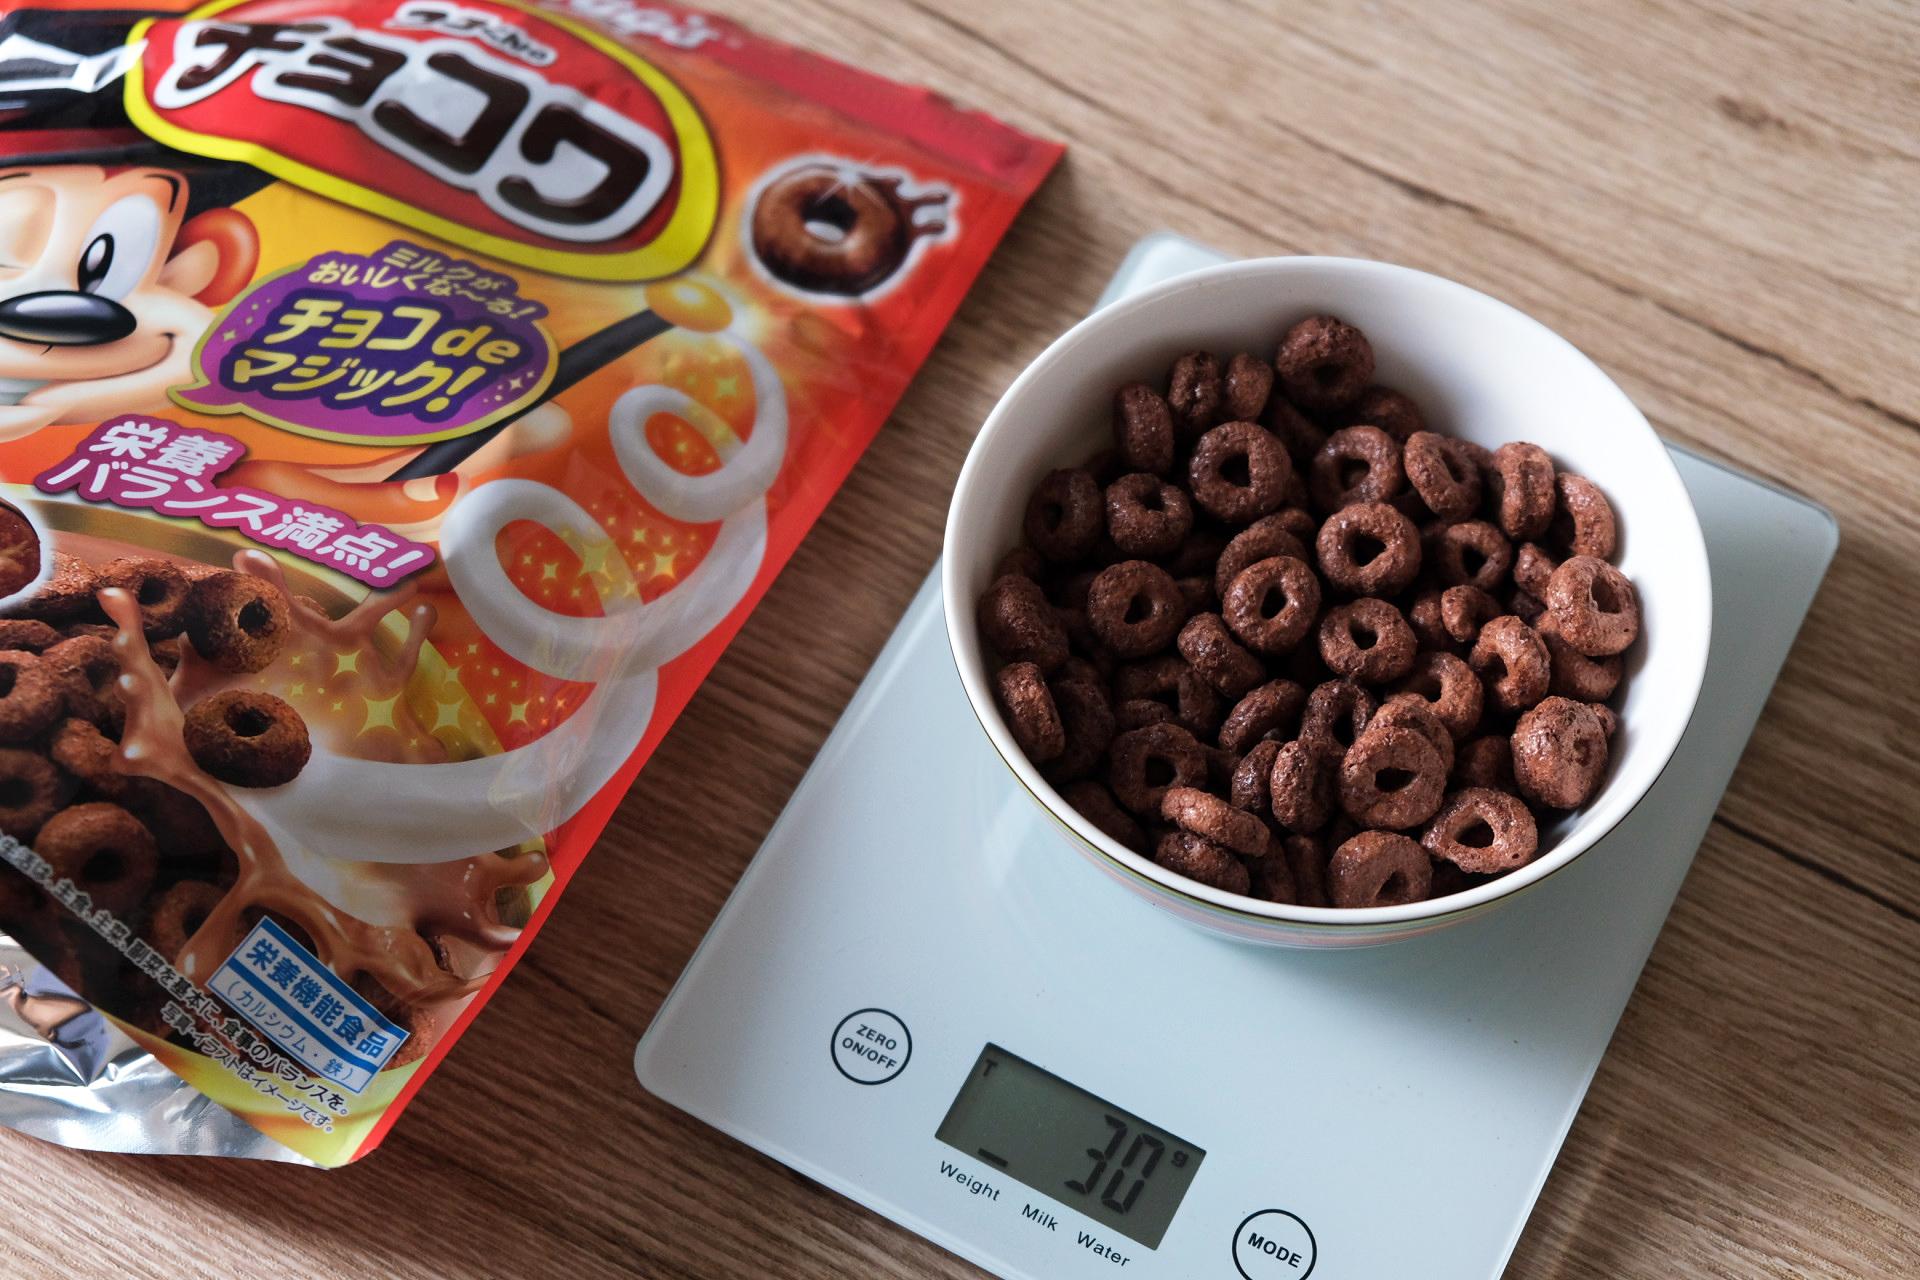 「チョコワ」のグラムごとの食べる量目安と牛乳・ヨーグルトをかけた時の栄養成分まとめ